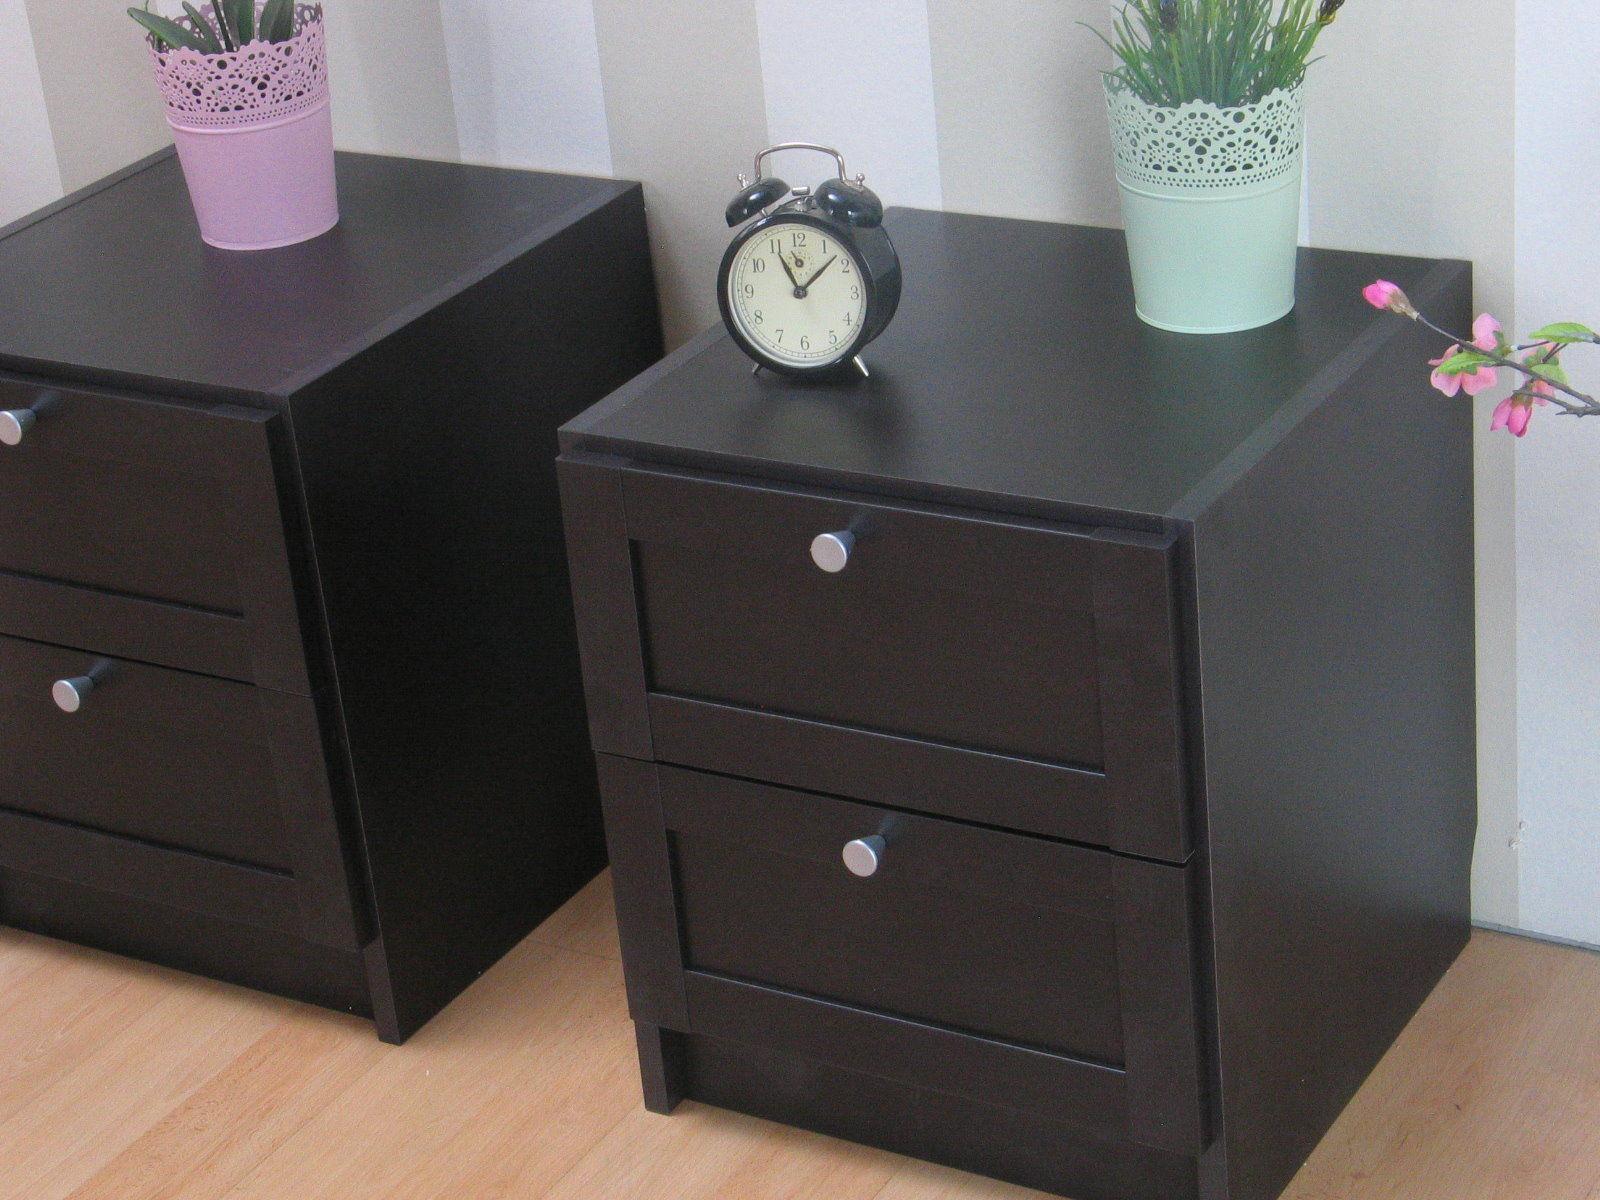 2x Nachttisch Beth Nachtkonsole Nachtschrank Schlafzimmer Beistelltisch braun  eBay